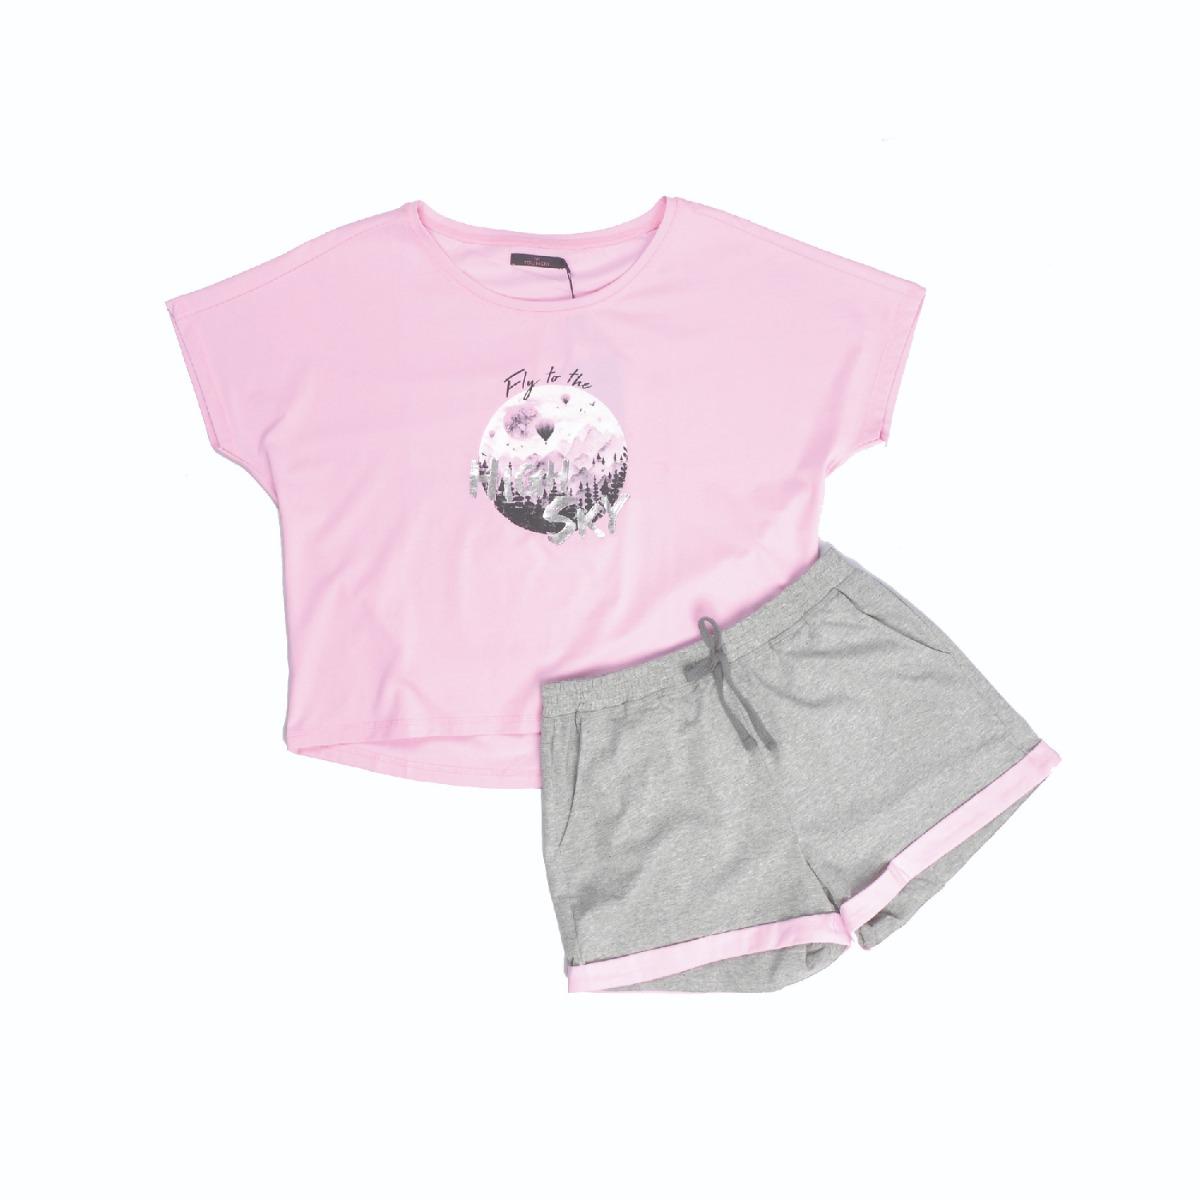 Bộ đồ mặc nhà xuân hè - SJ7001S